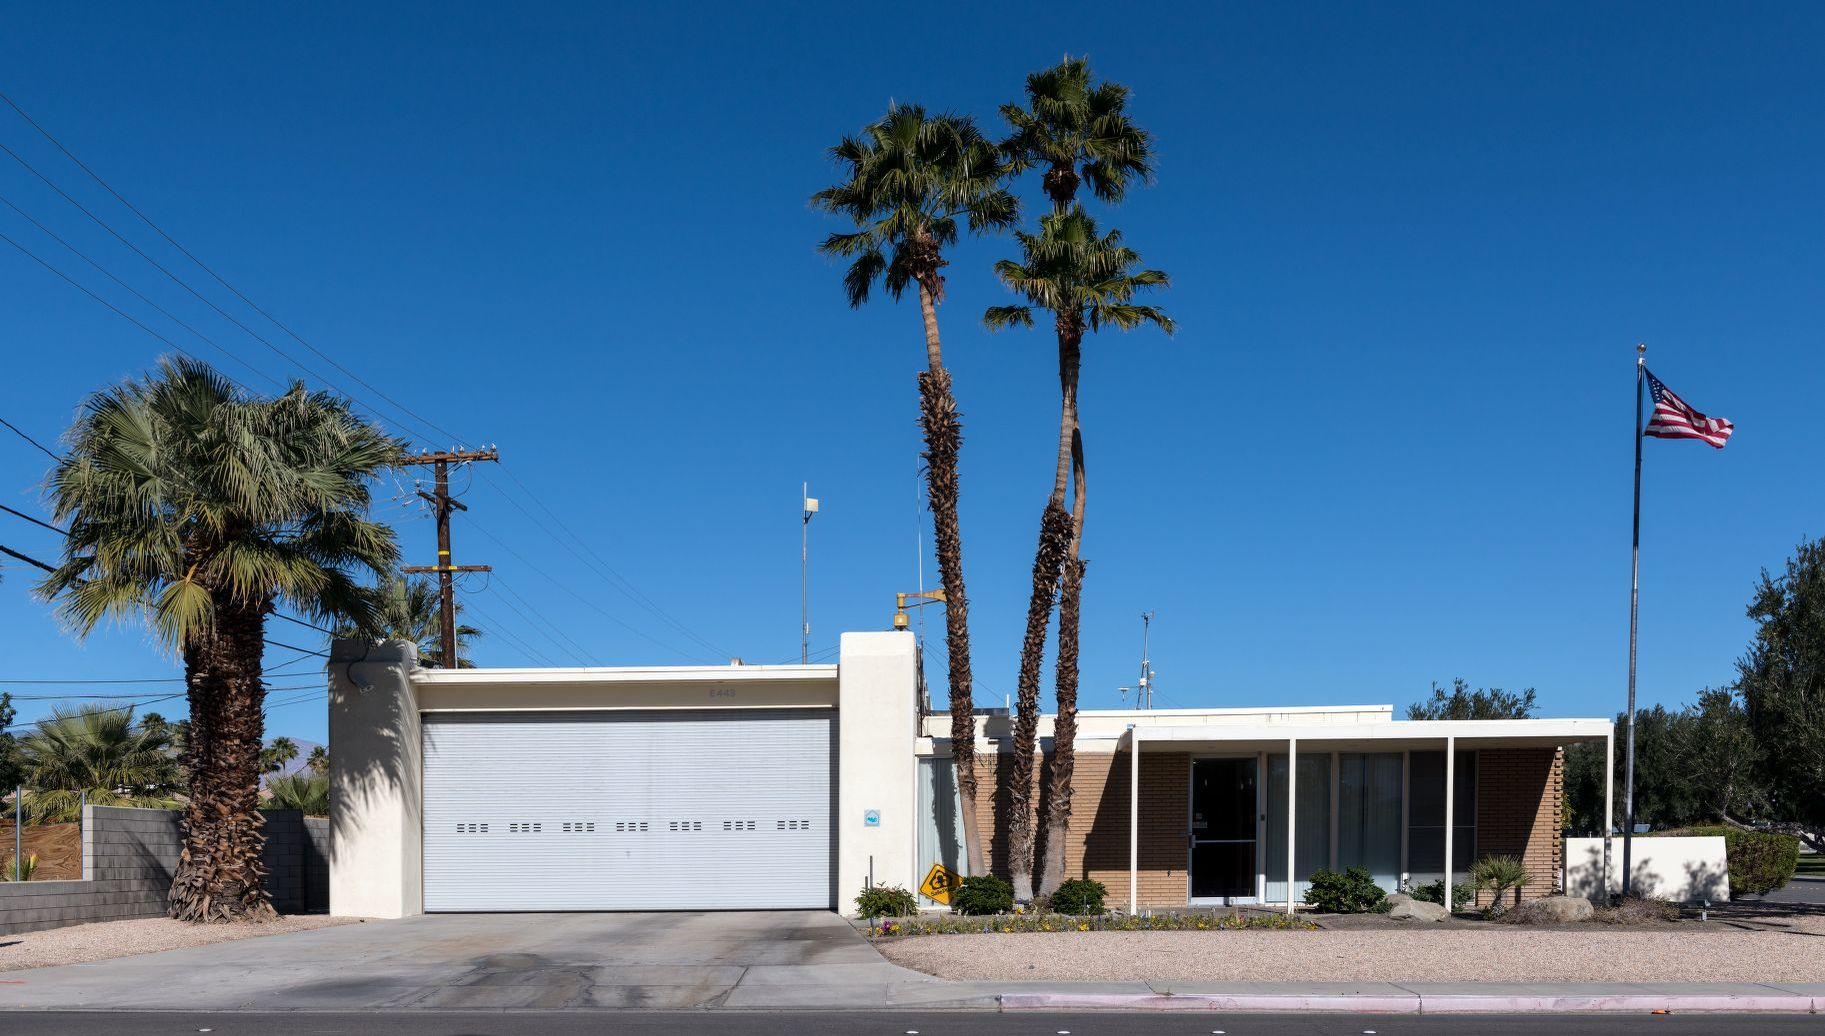 Hugh Kaptur designed Fire Station #3 palm springs